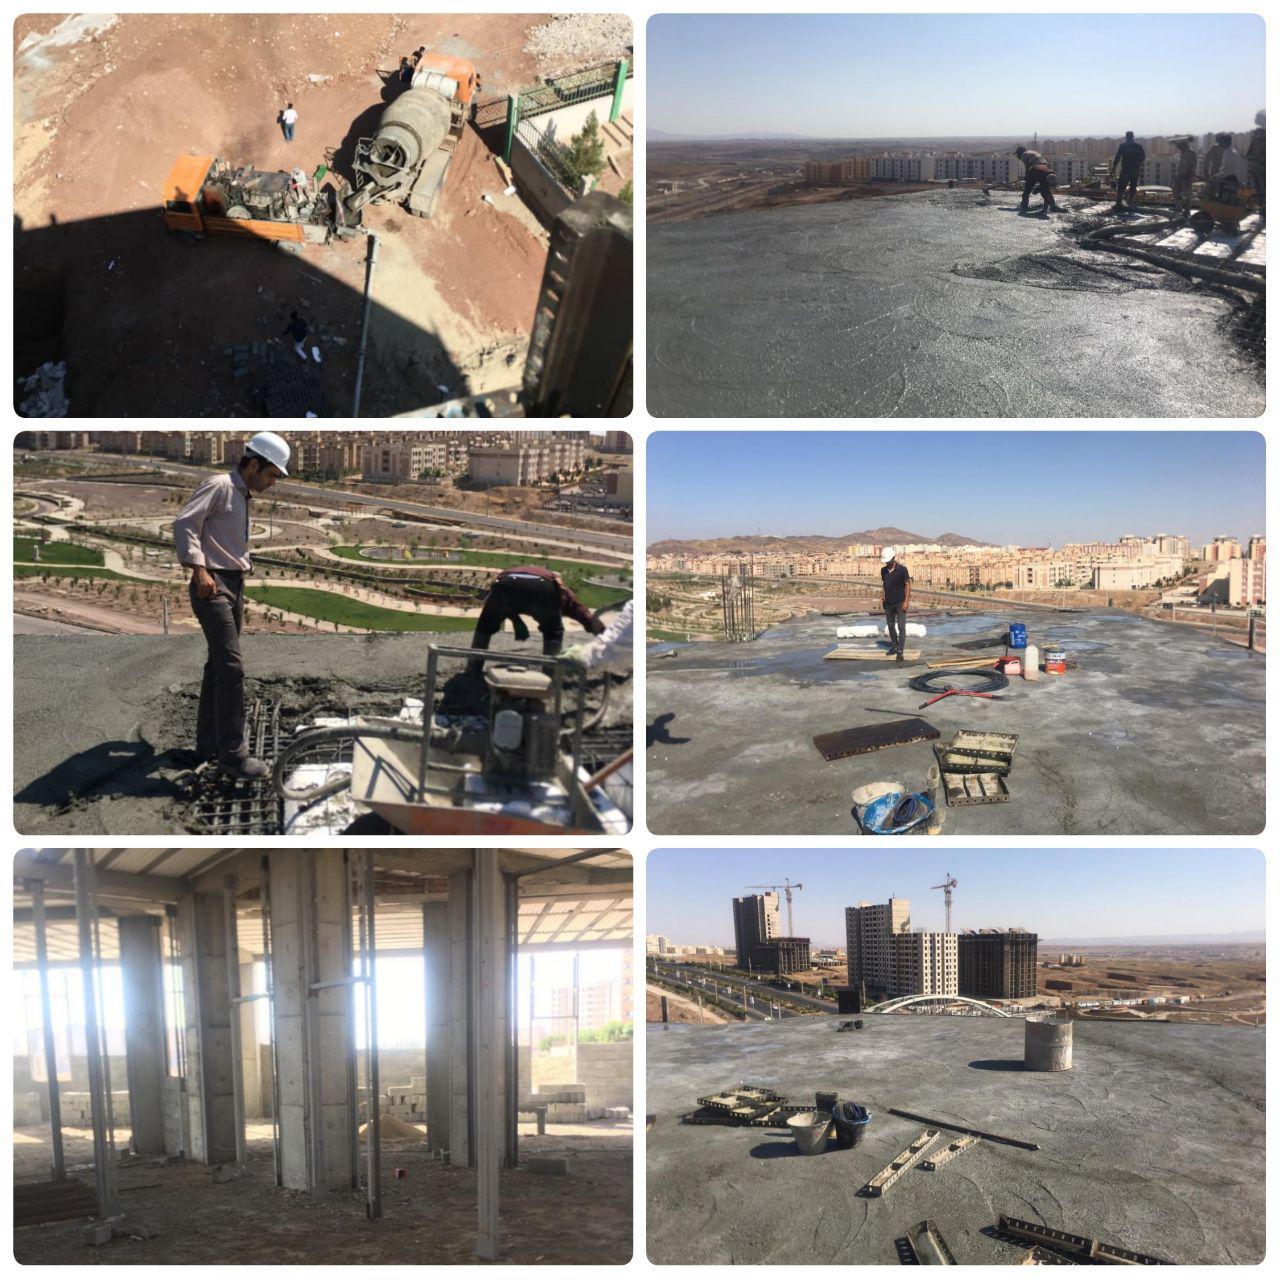 گام دوم مدیریت شهری پرند برای توسعه زیرساخت ها در سال ۹۹ / اتمام عملیات بتن ریزی سقف ساختمان مرکزی شهرداری پرند